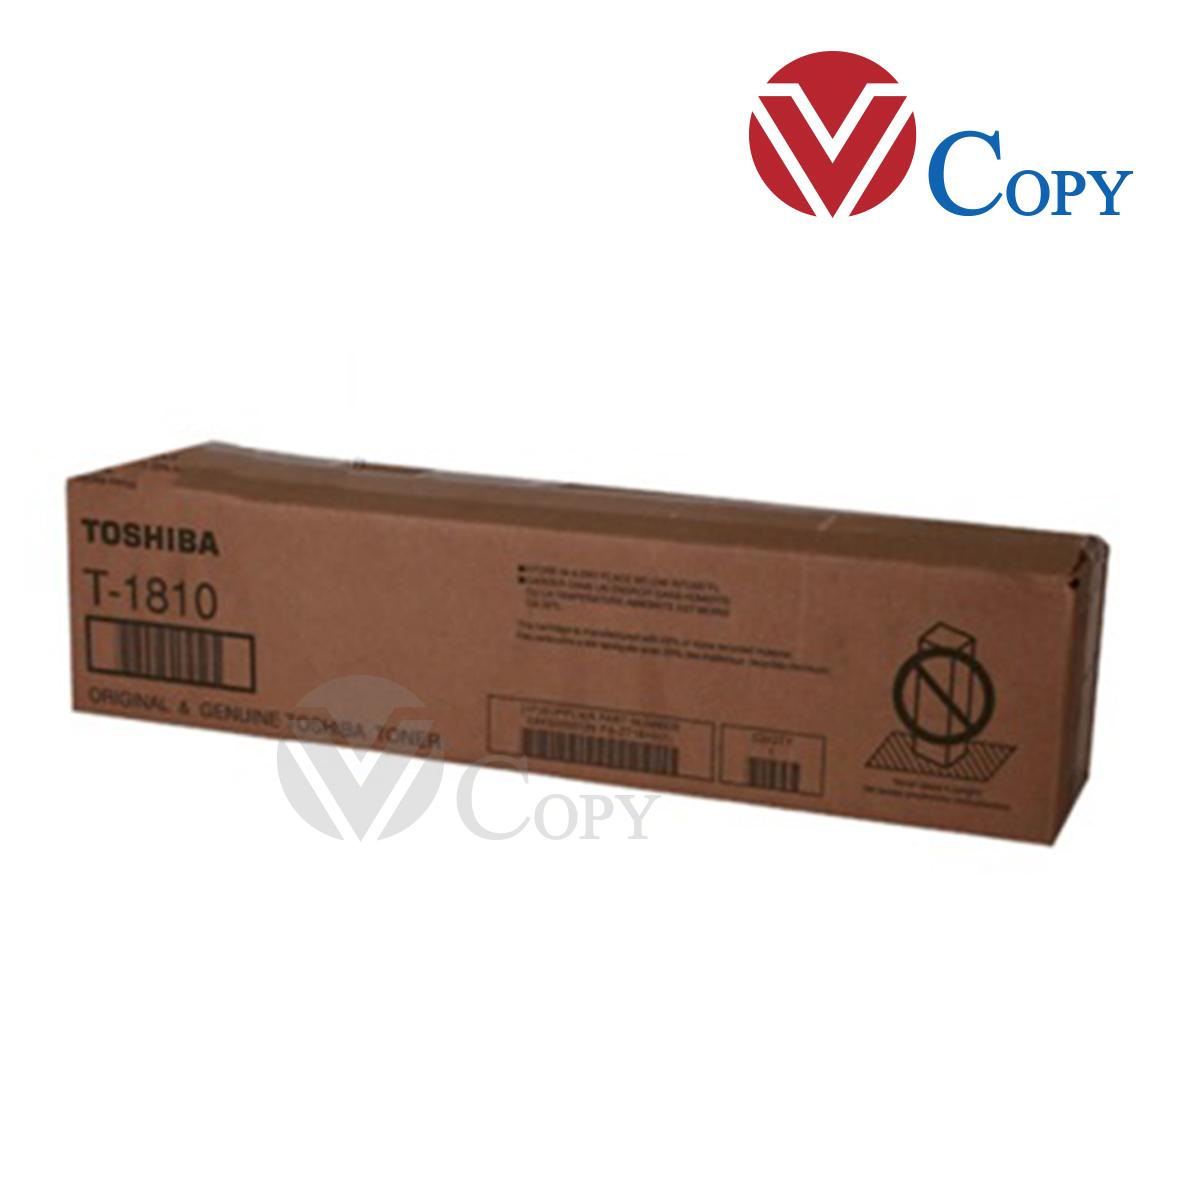 Mực Thương hiệu dùng cho máy Toshiba Toshiba E Studio 181/182/212/242 - Mã mực T1810 -  Trọng lượng 500g